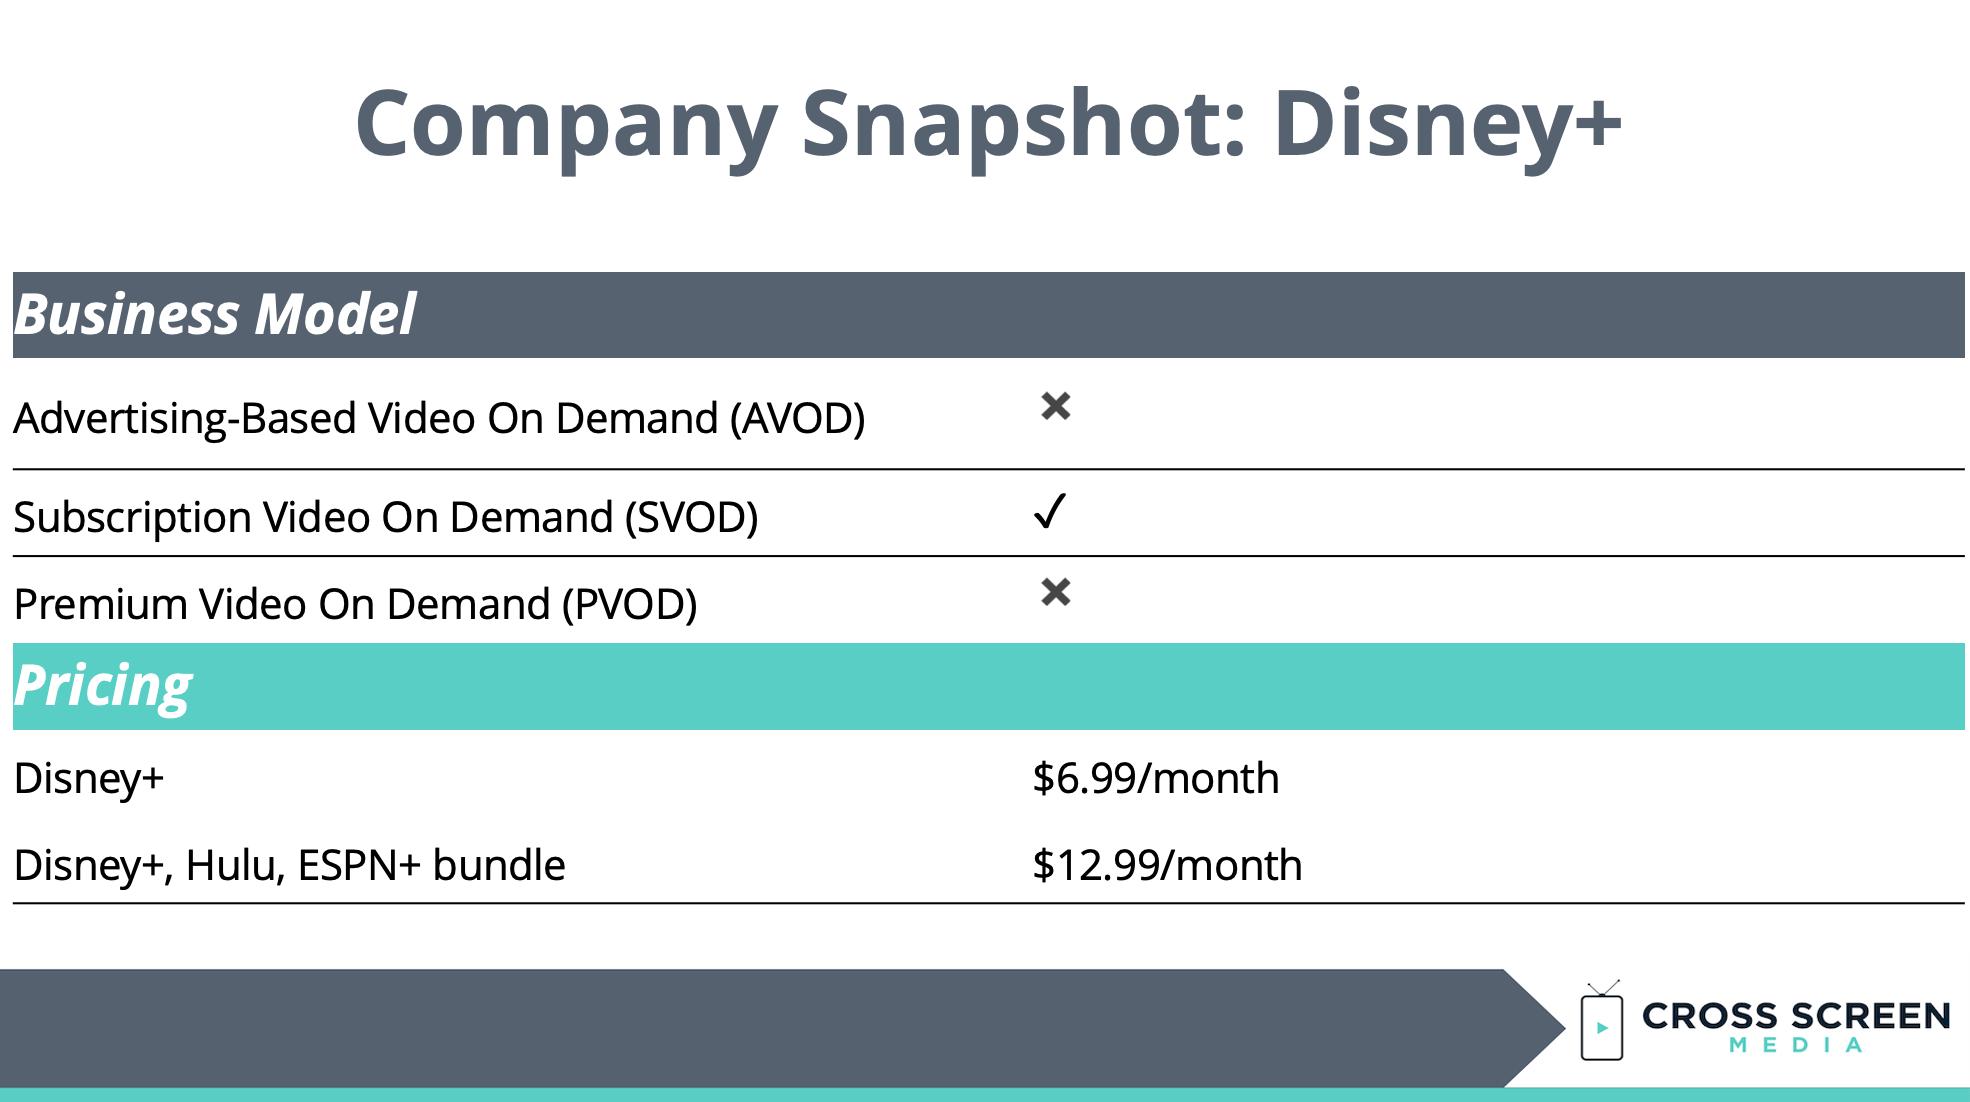 Disney Plus Company Snapshot